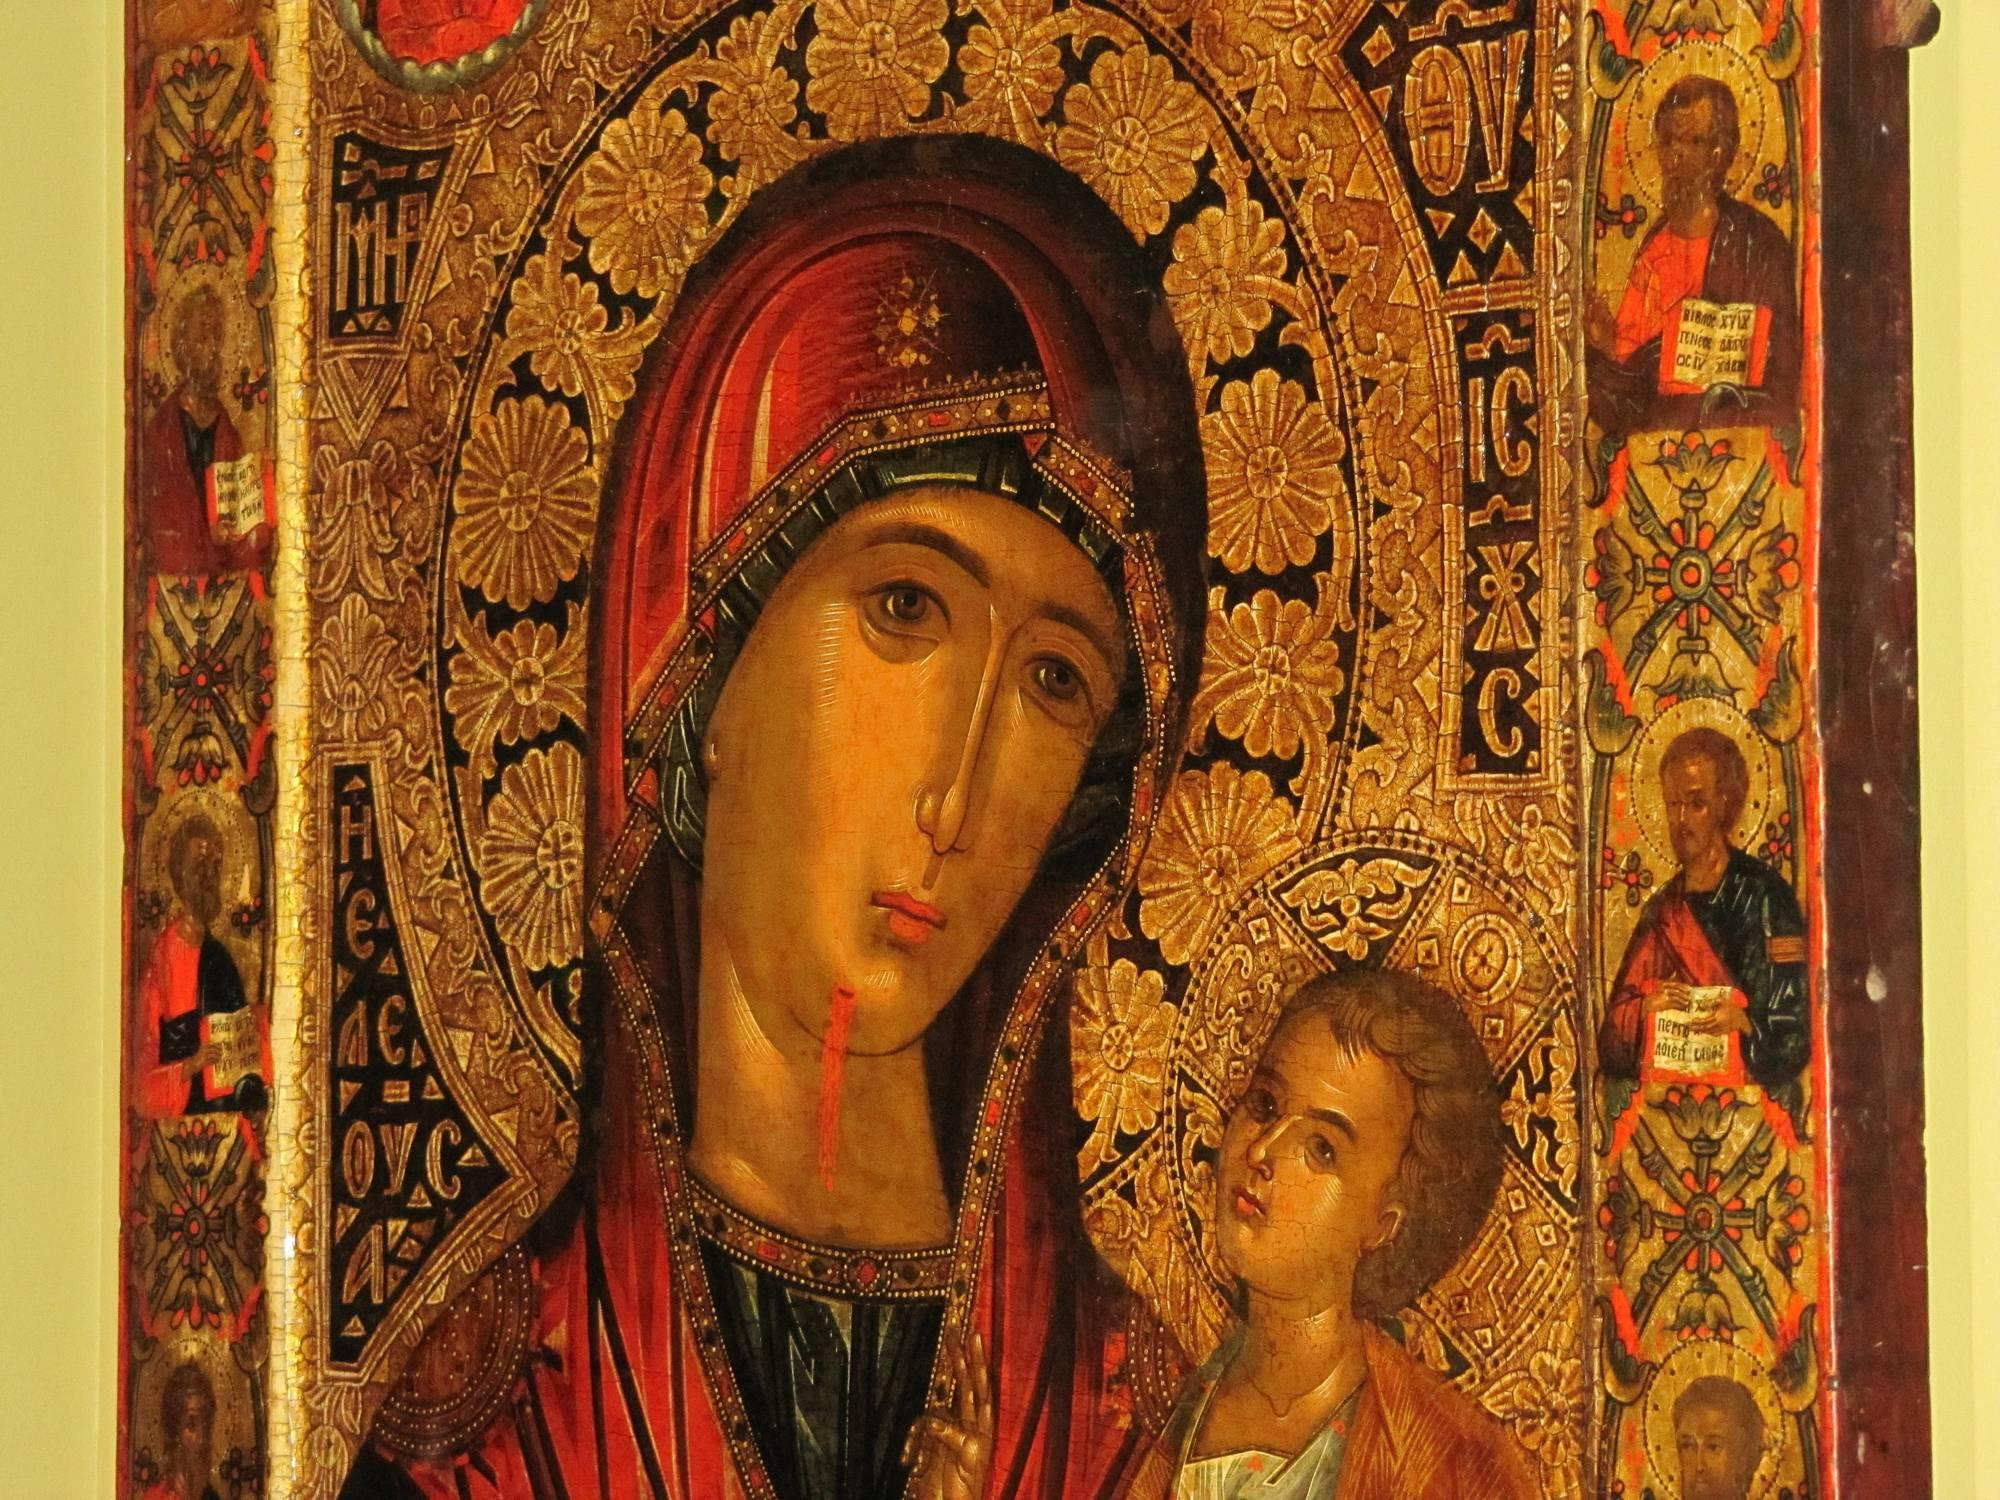 Икона святой равноапостольной Нины картинки